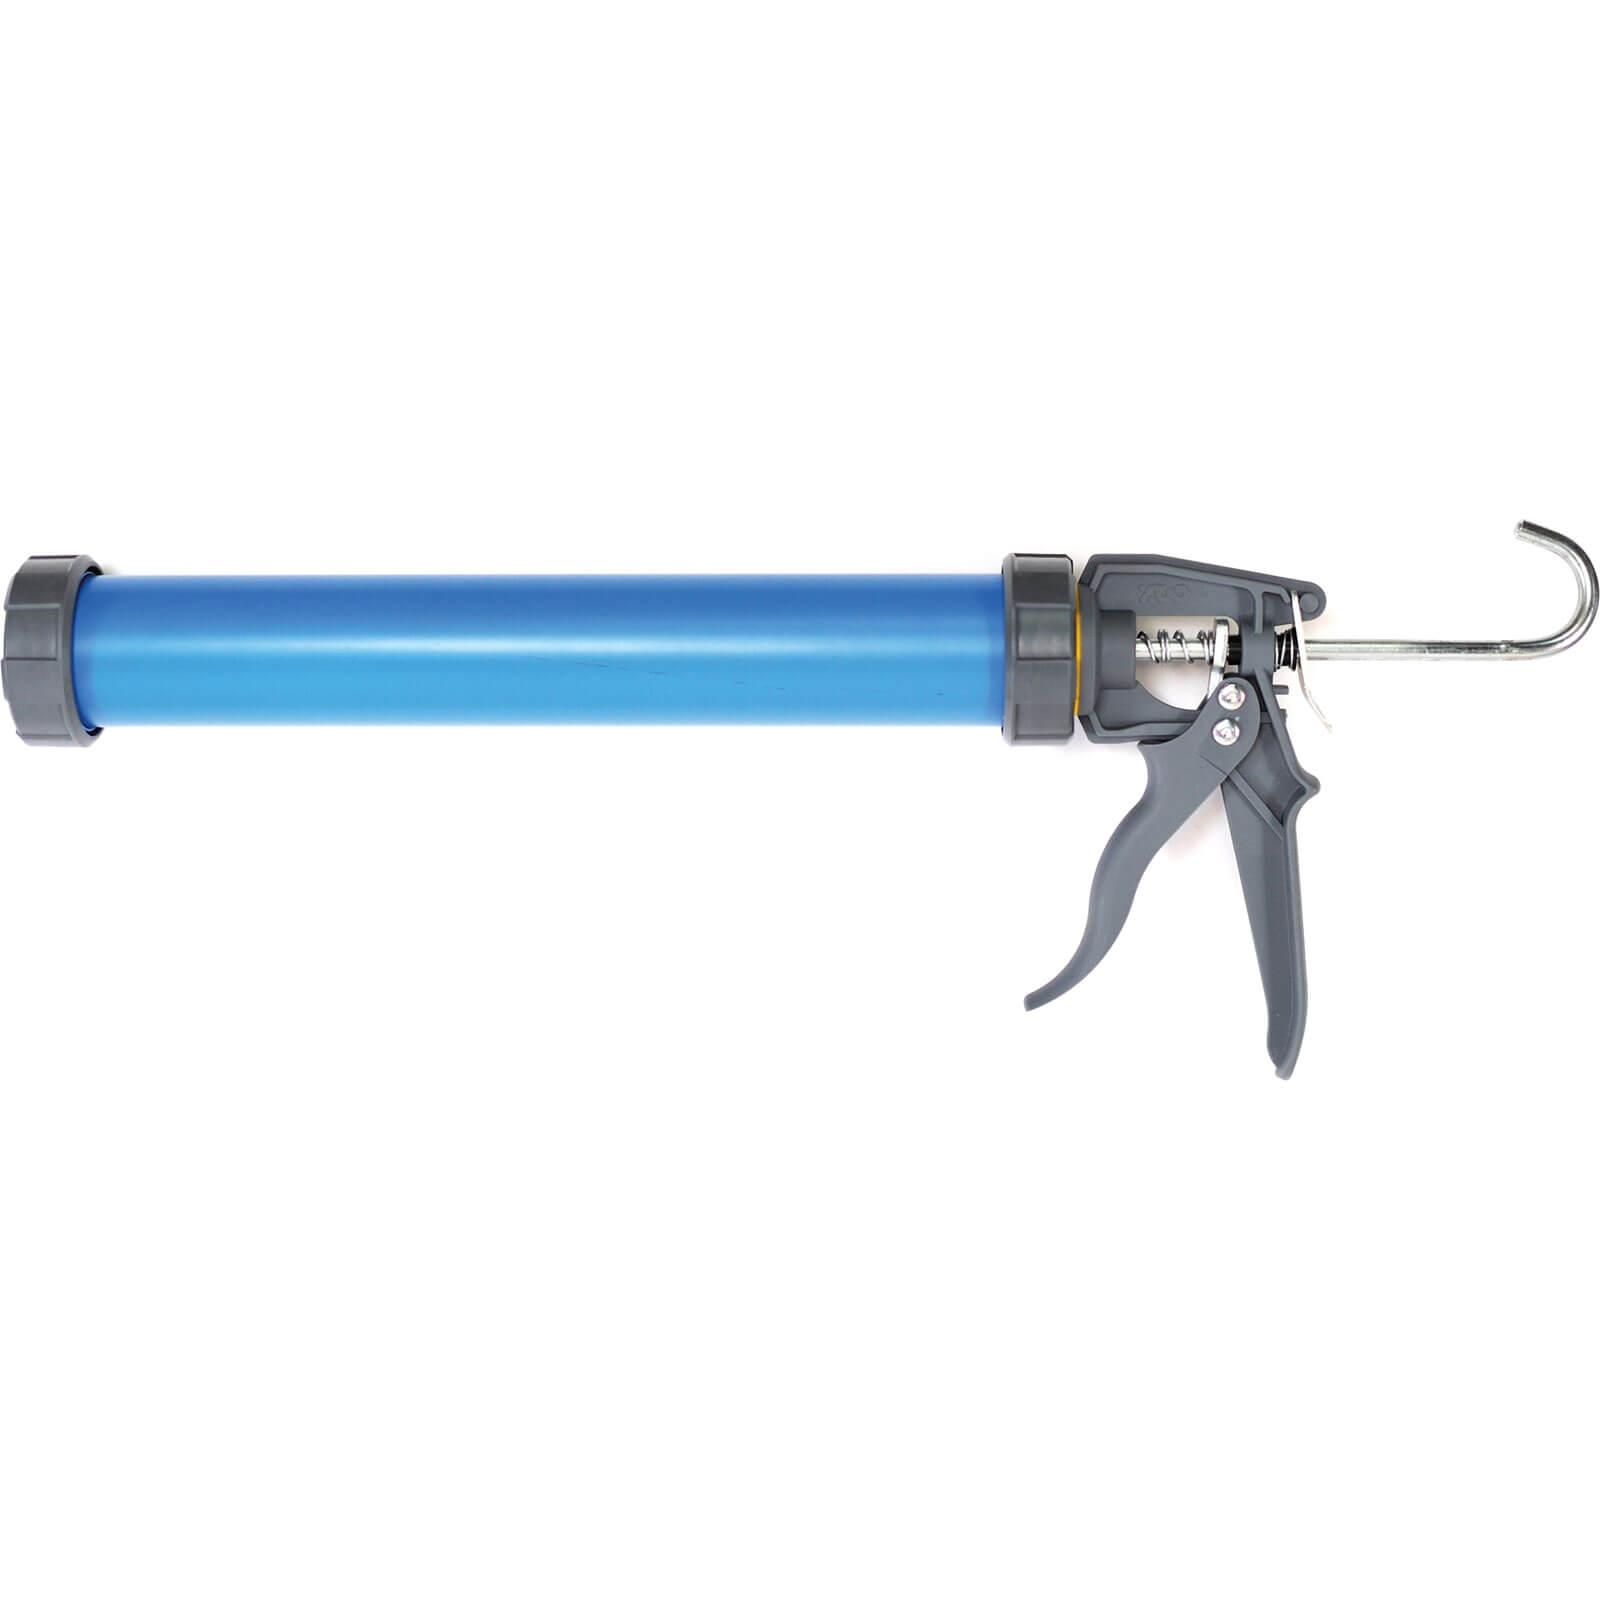 Image of Cox Midiflow Combi Sealant Gun